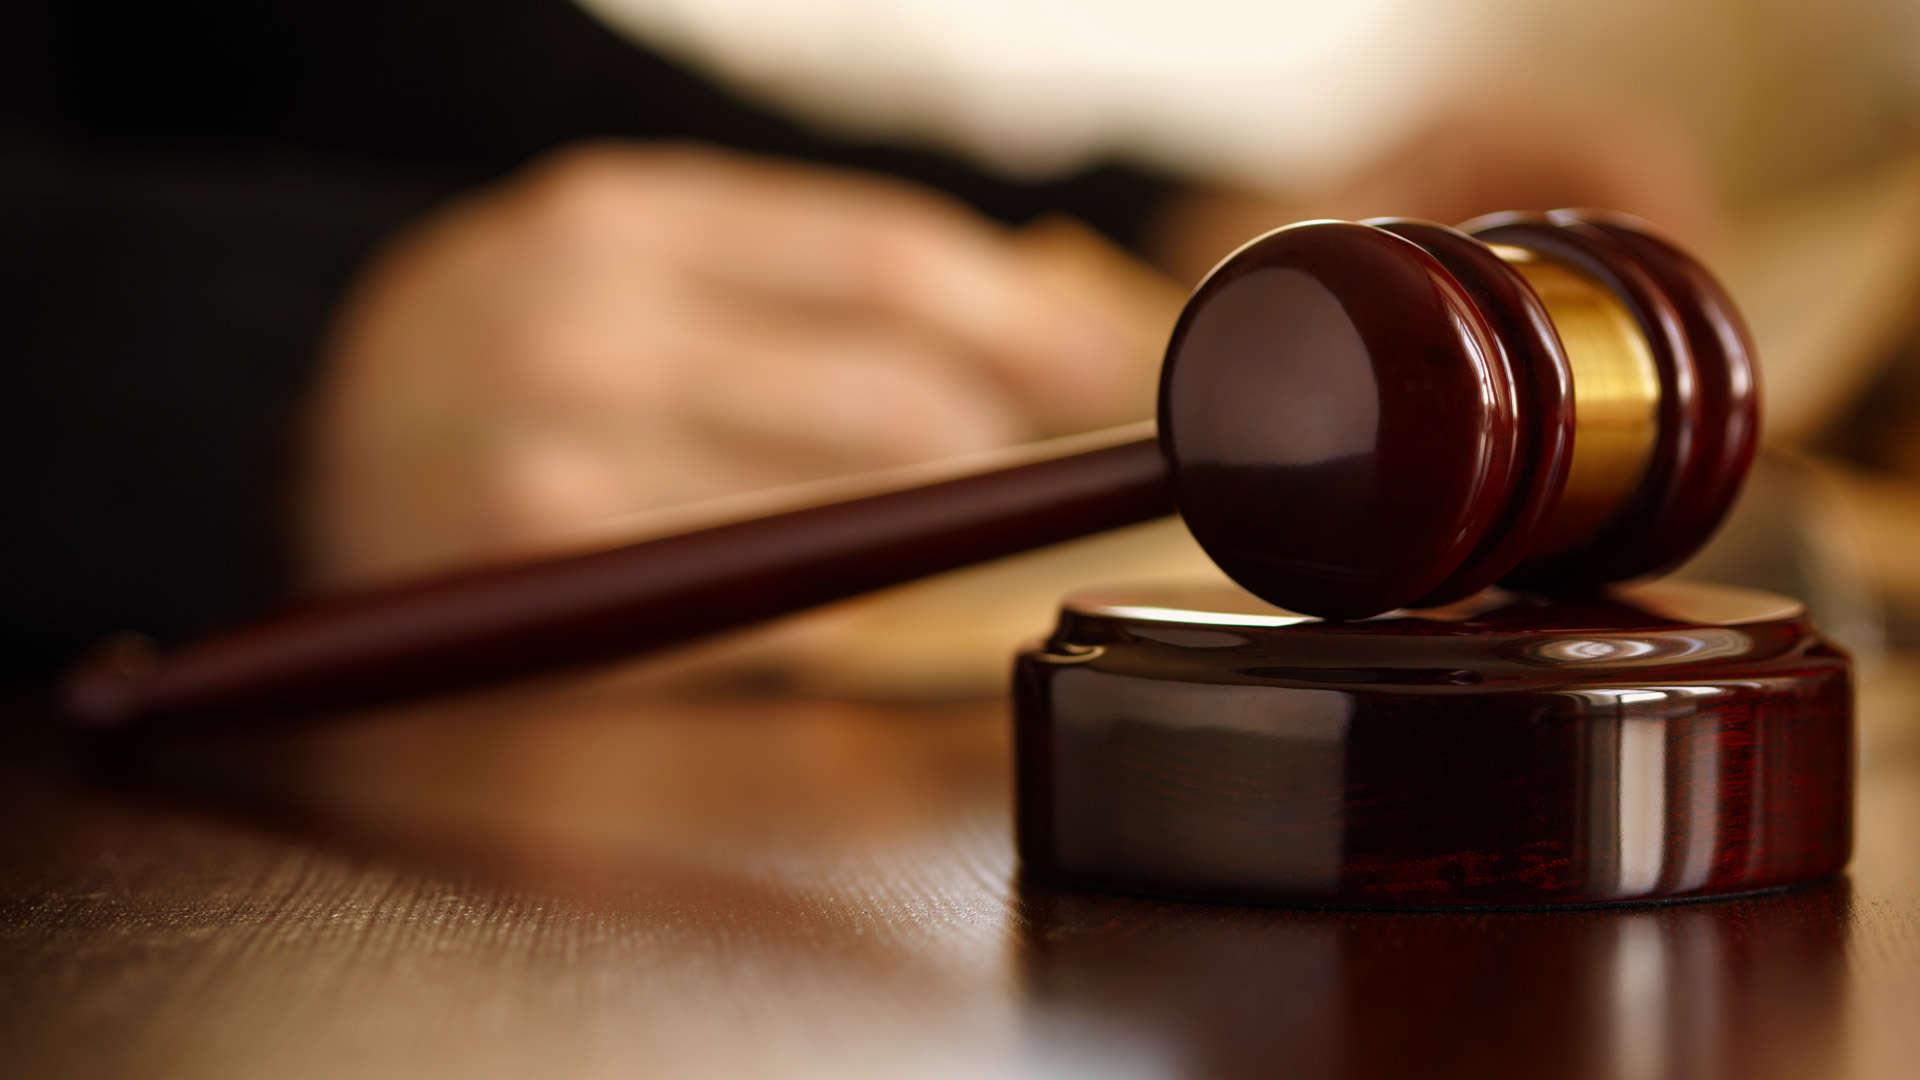 Luật sư tư vấn pháp luật dân sư - Tổng đài tư vấn (24/7): 1900 6198